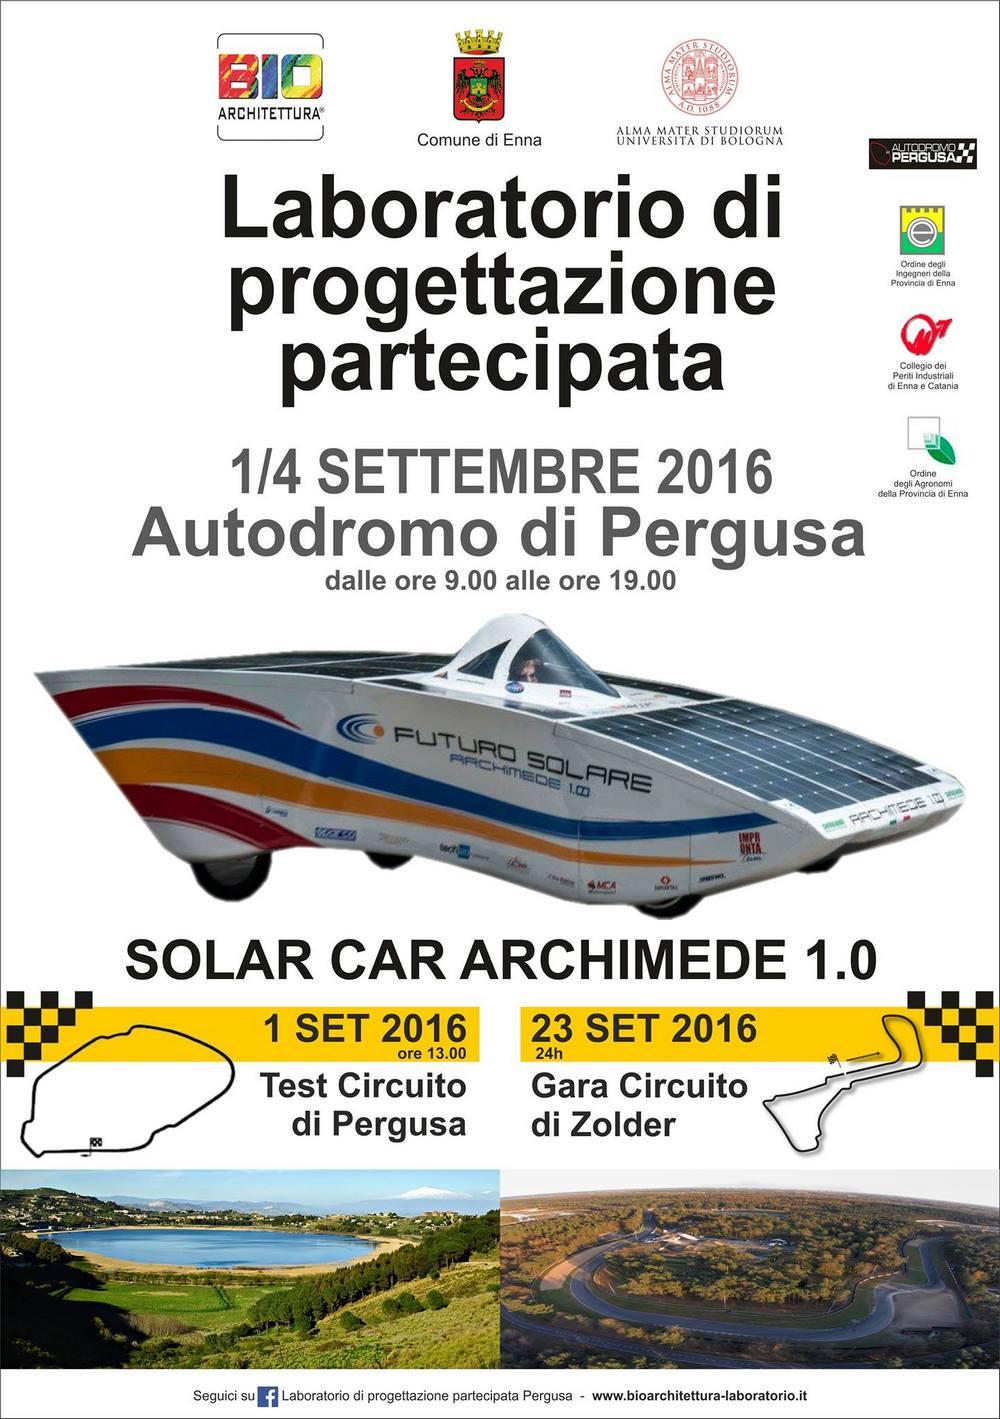 Autodromo di Pergusa locandian